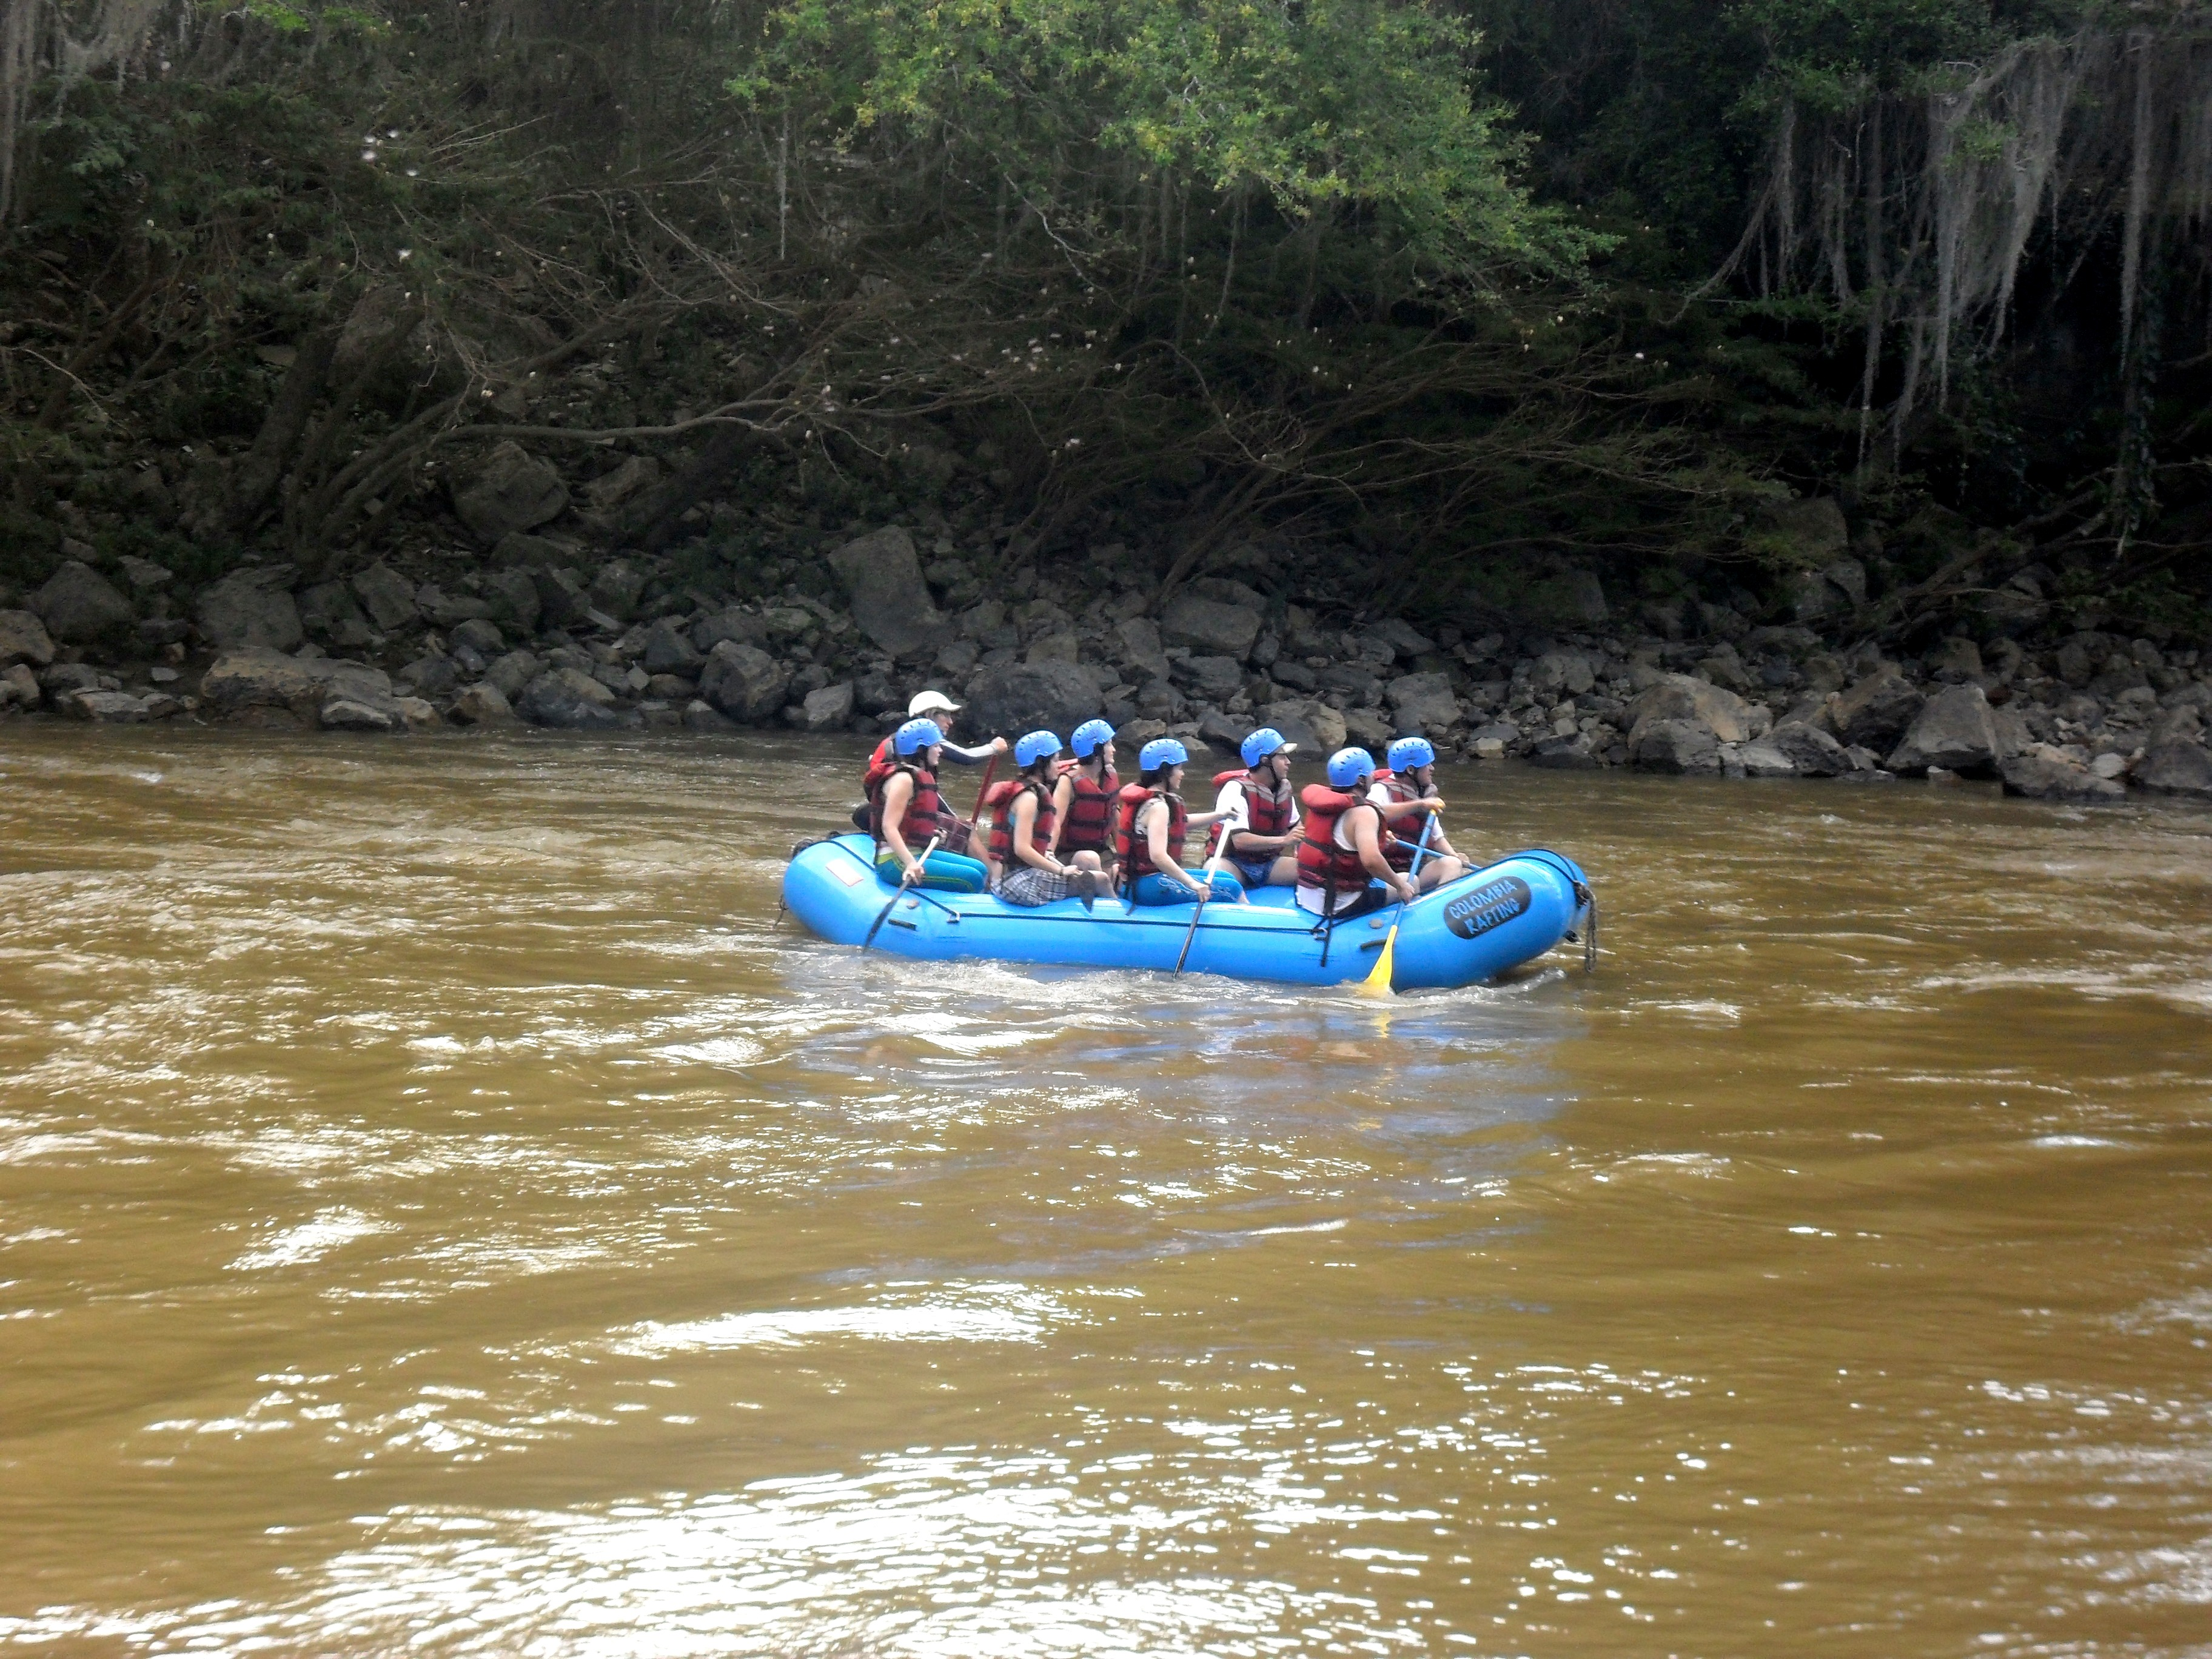 Canotaje en el rio Fonce